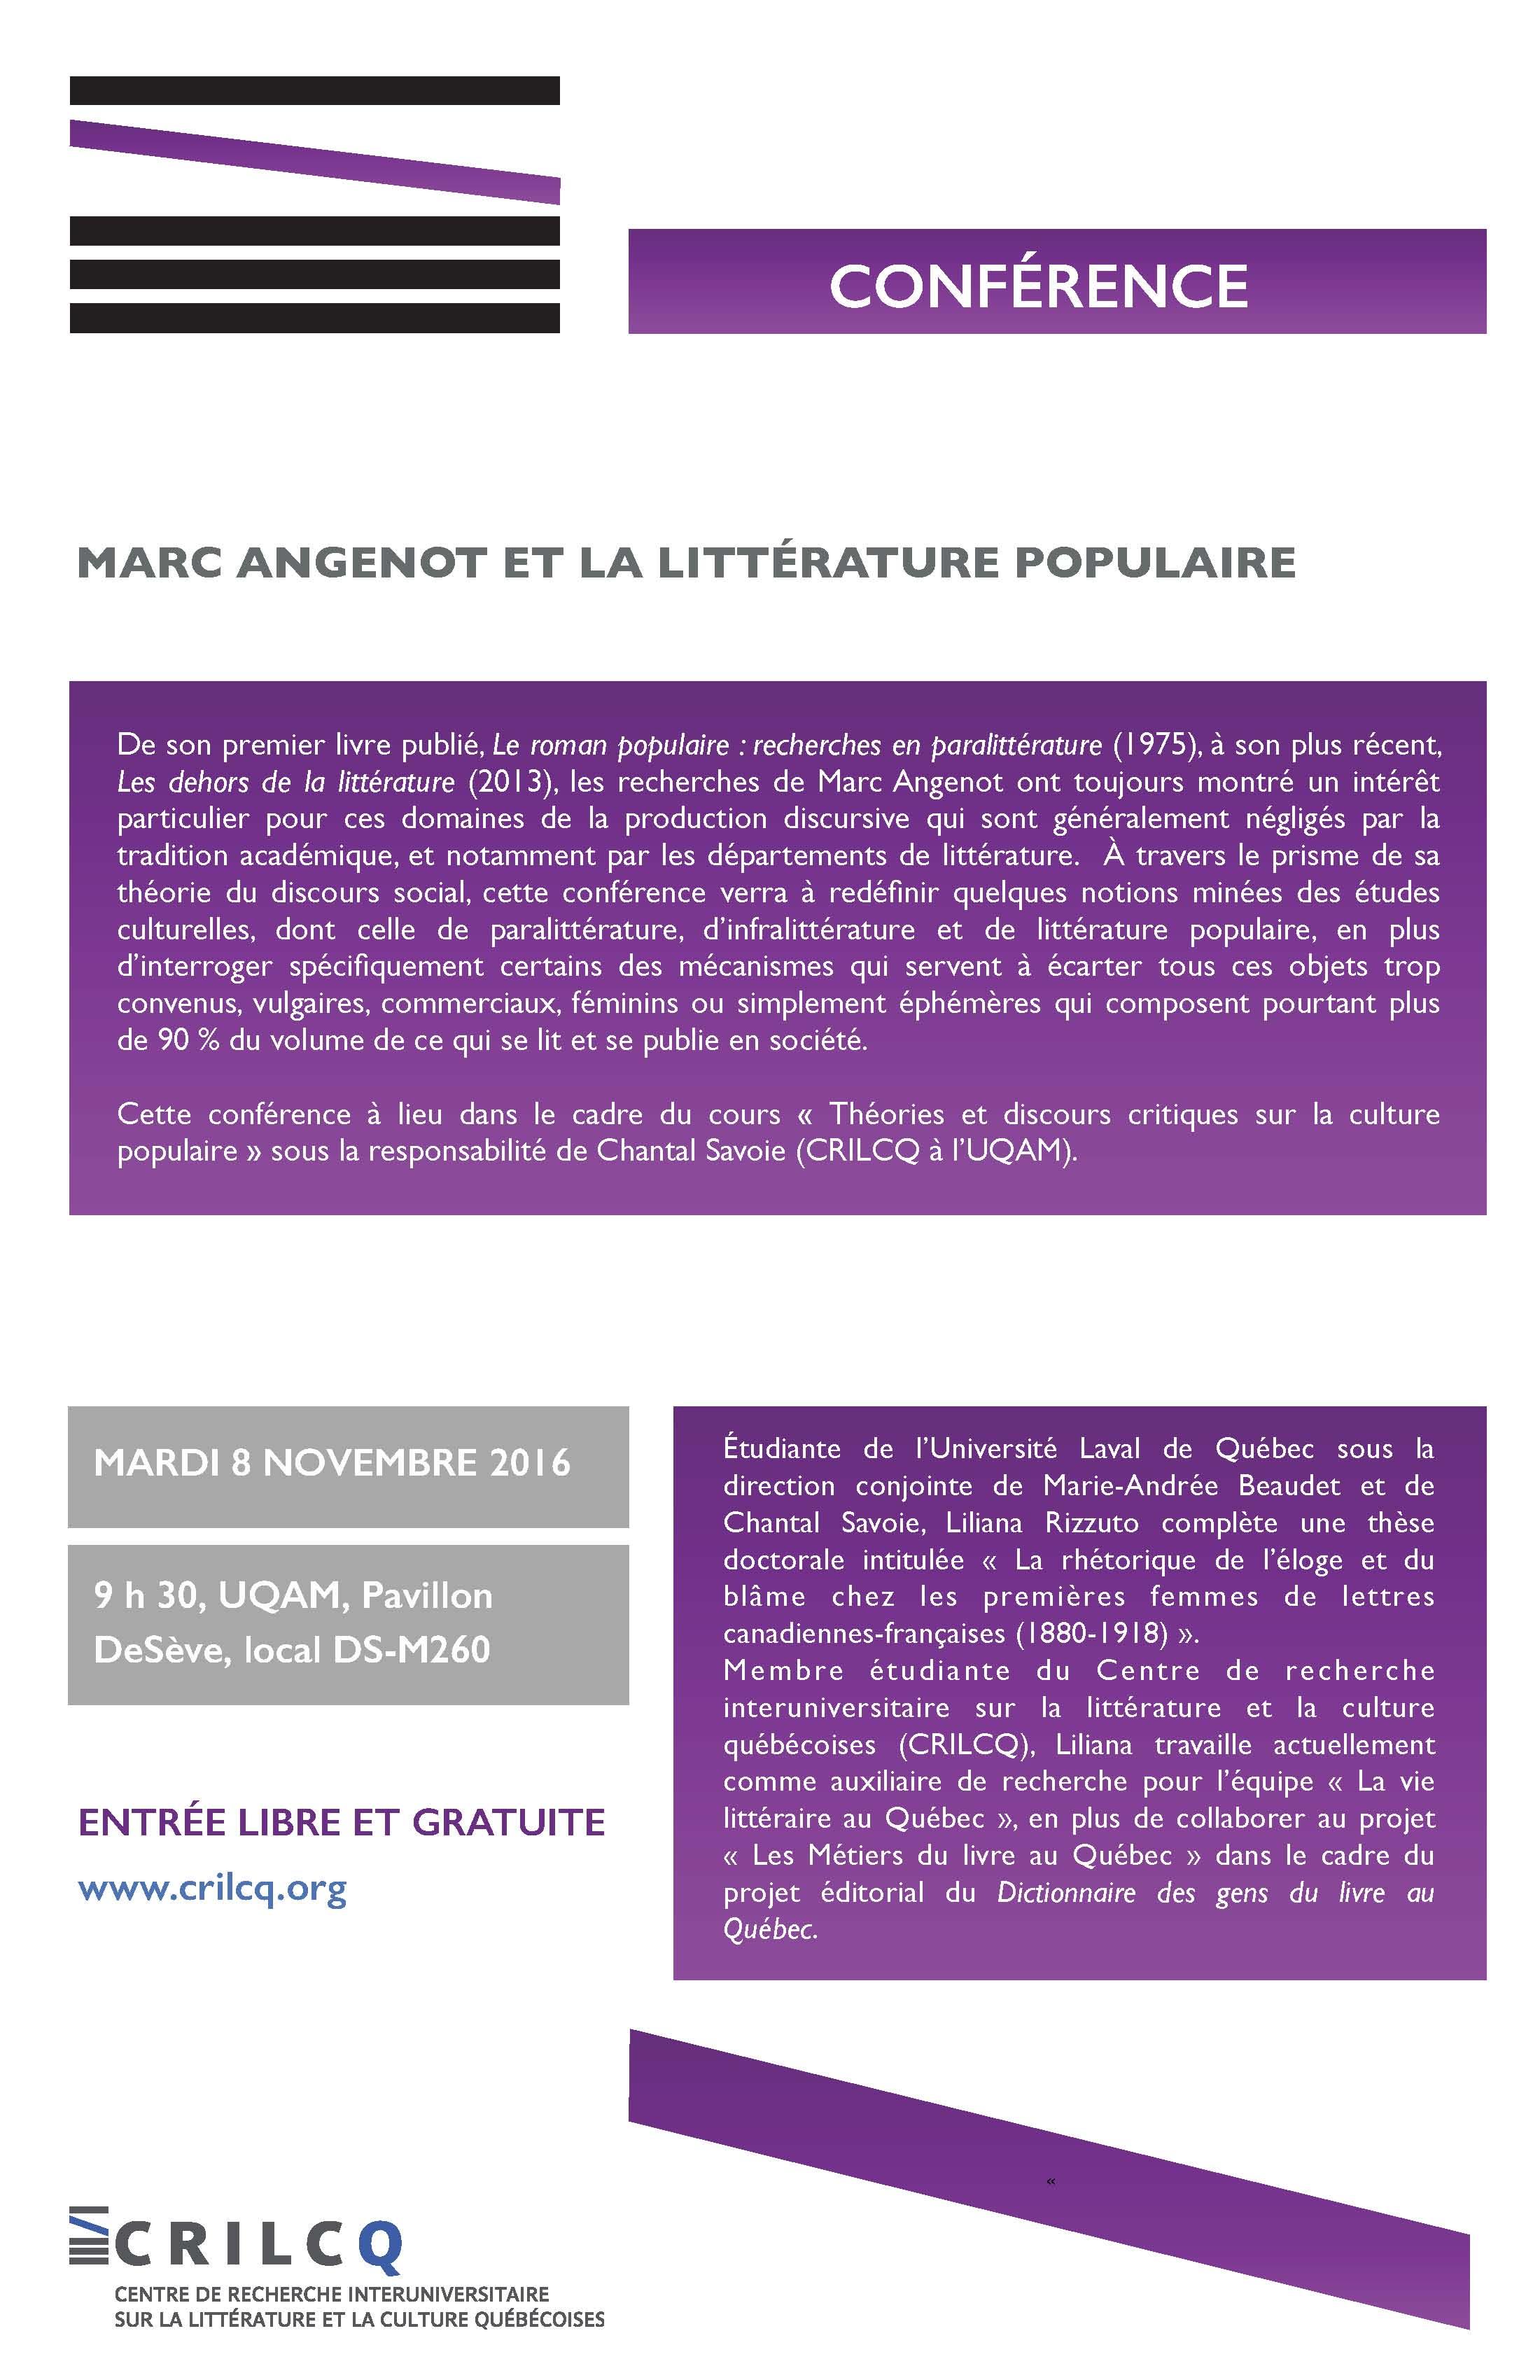 IMAGE-affiche-conference-marc-angenot-et-la-litterature-populaire